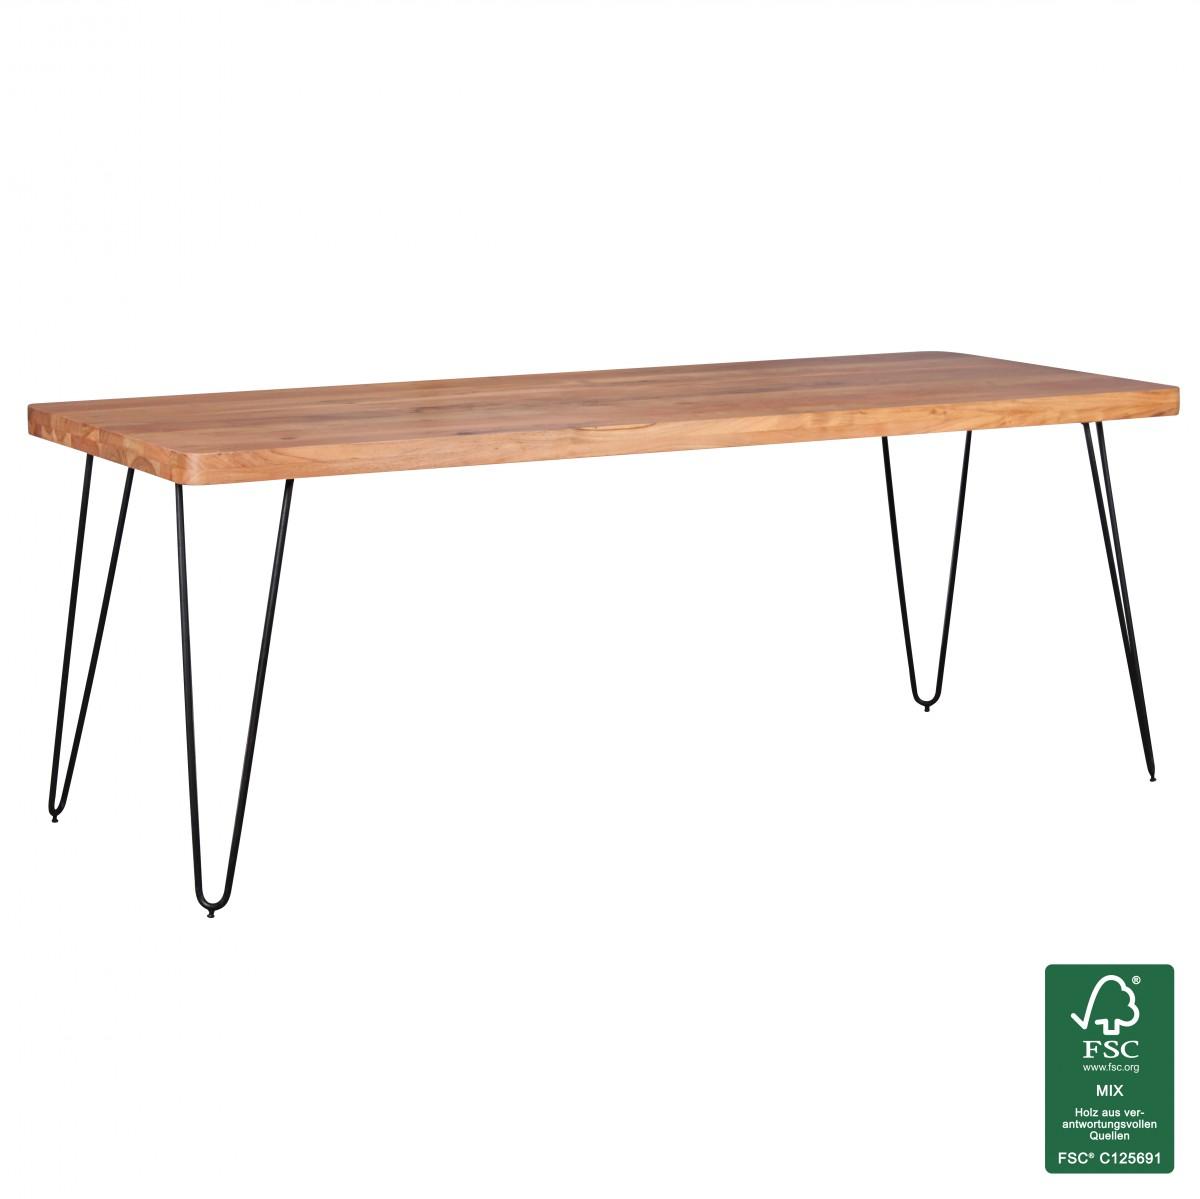 wohnling massivholz akazie esstisch 200x80x76 cm k chentisch massiv tisch neu ebay. Black Bedroom Furniture Sets. Home Design Ideas